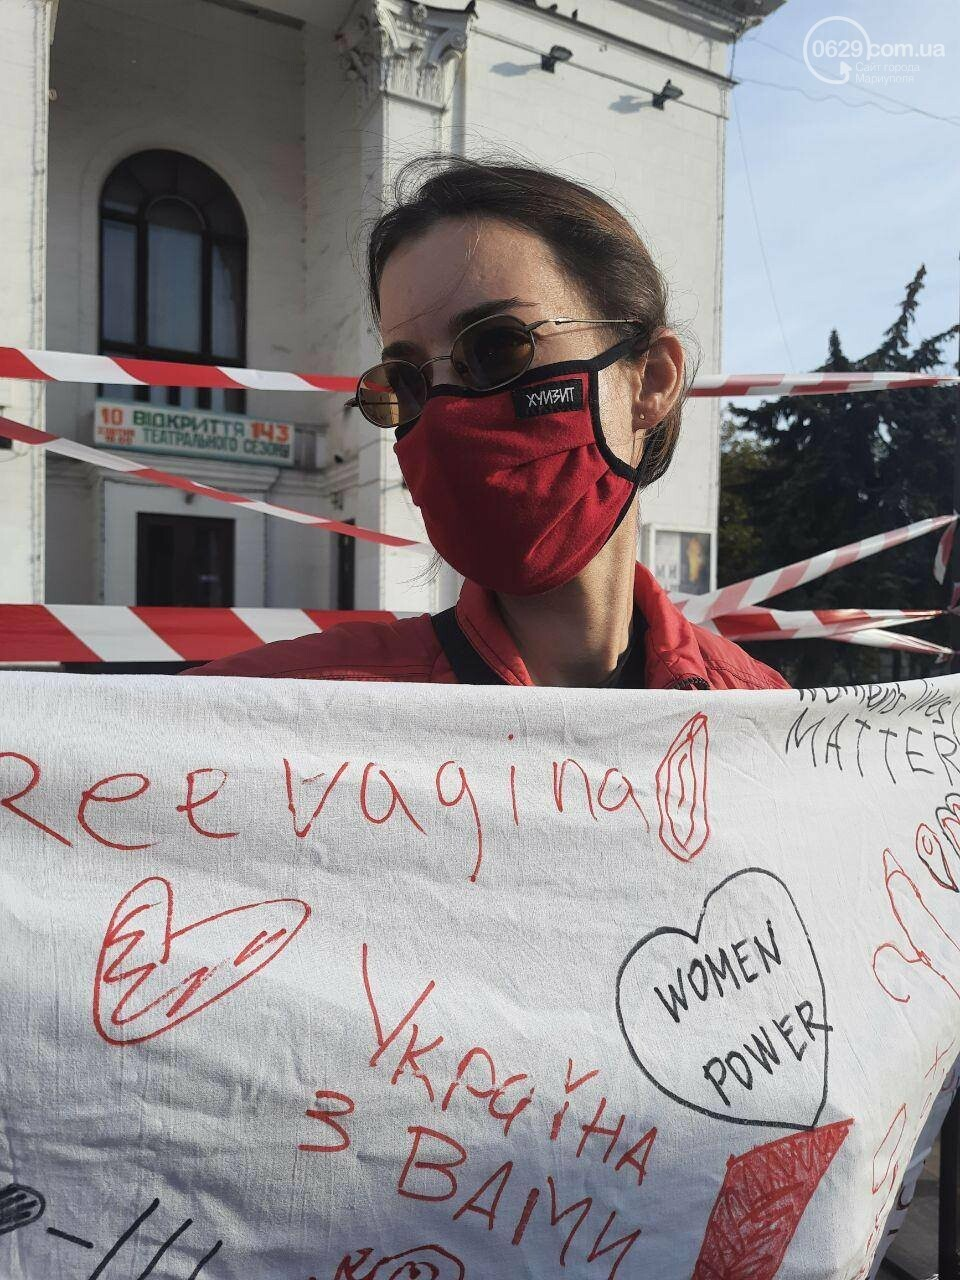 В центре Мариуполя появились вешалки, символизирующие нелегальные аборты, - ФОТО, фото-1